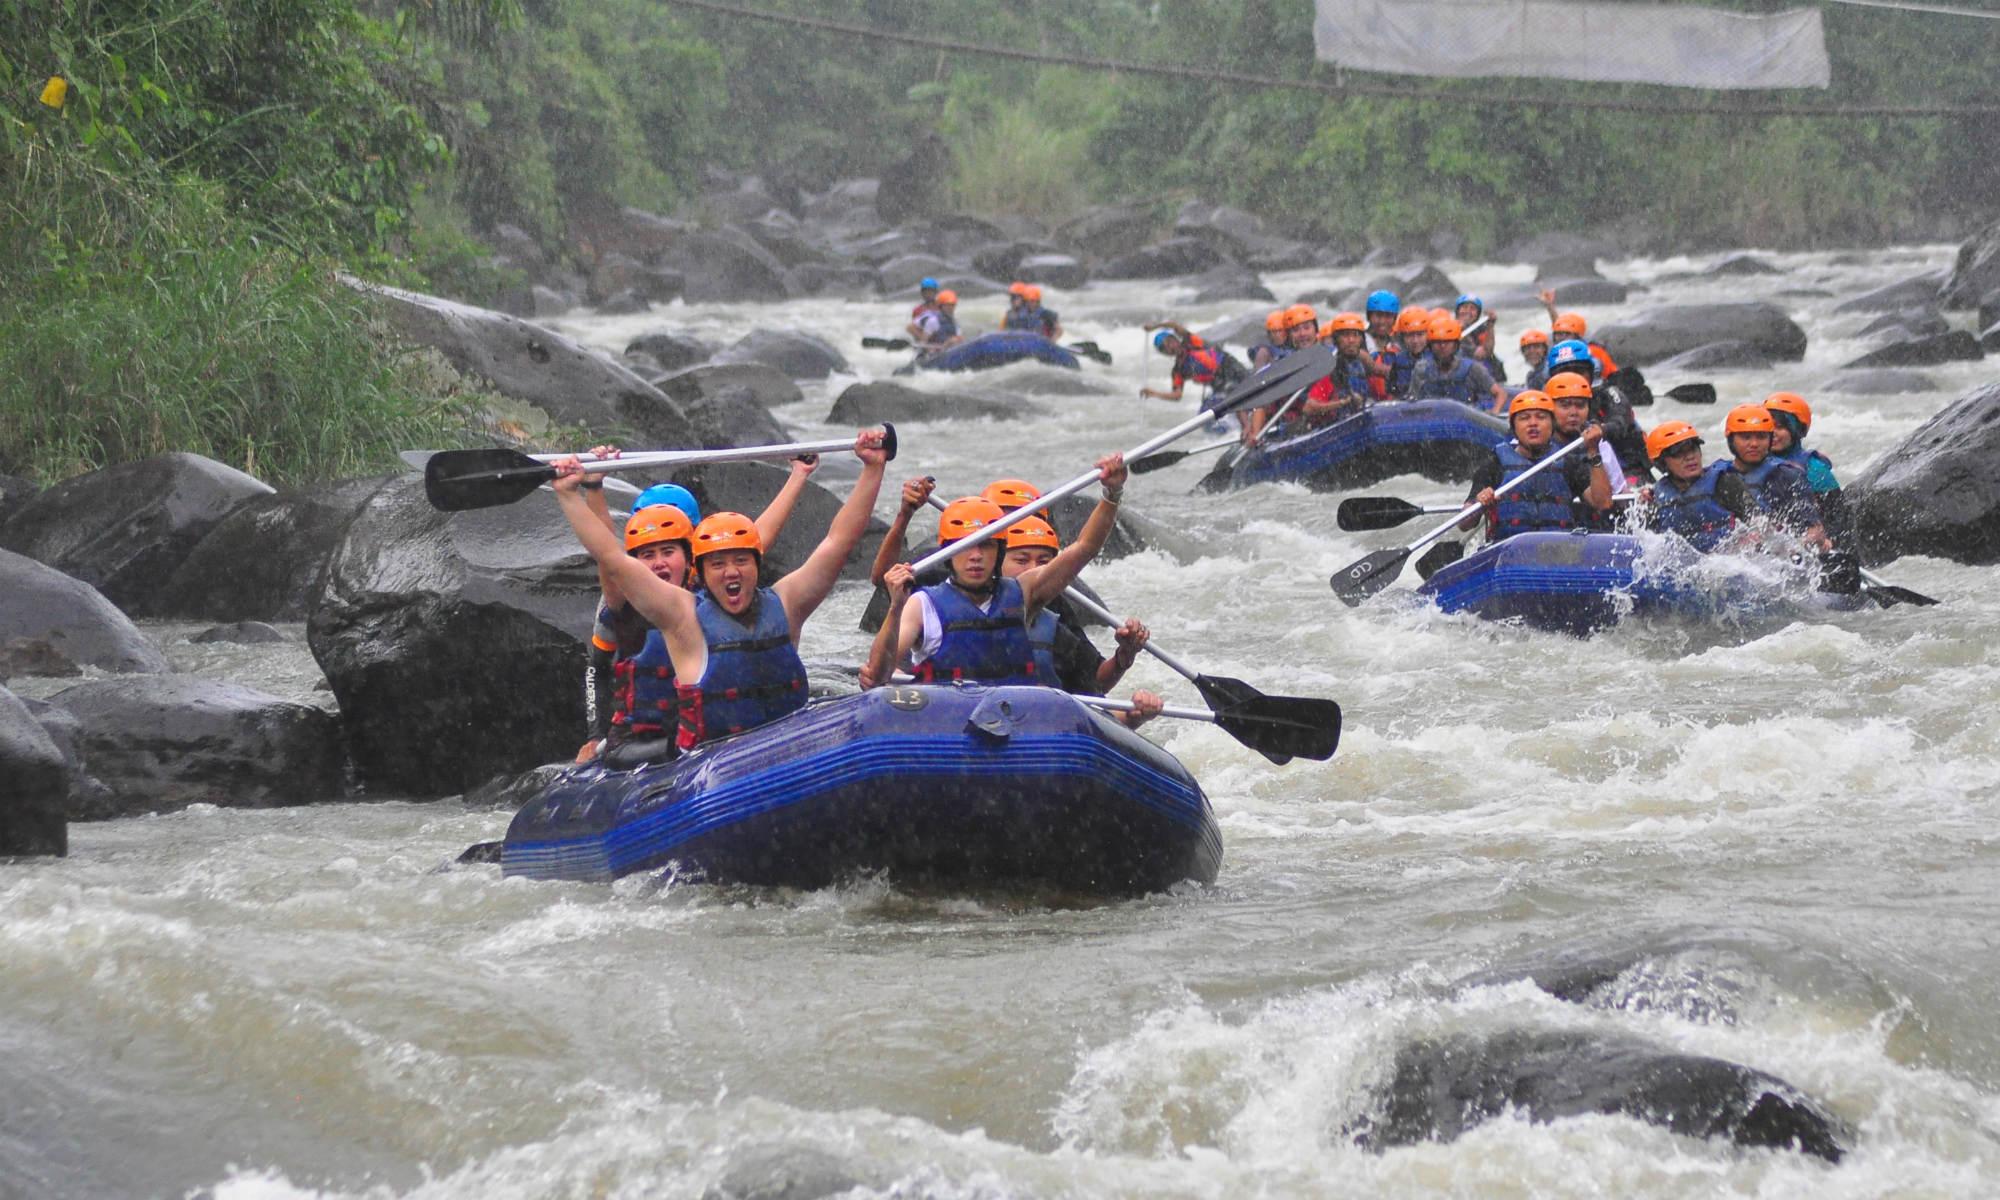 Nonostante la fitta pioggia il gruppo fa rafting e si diverte.